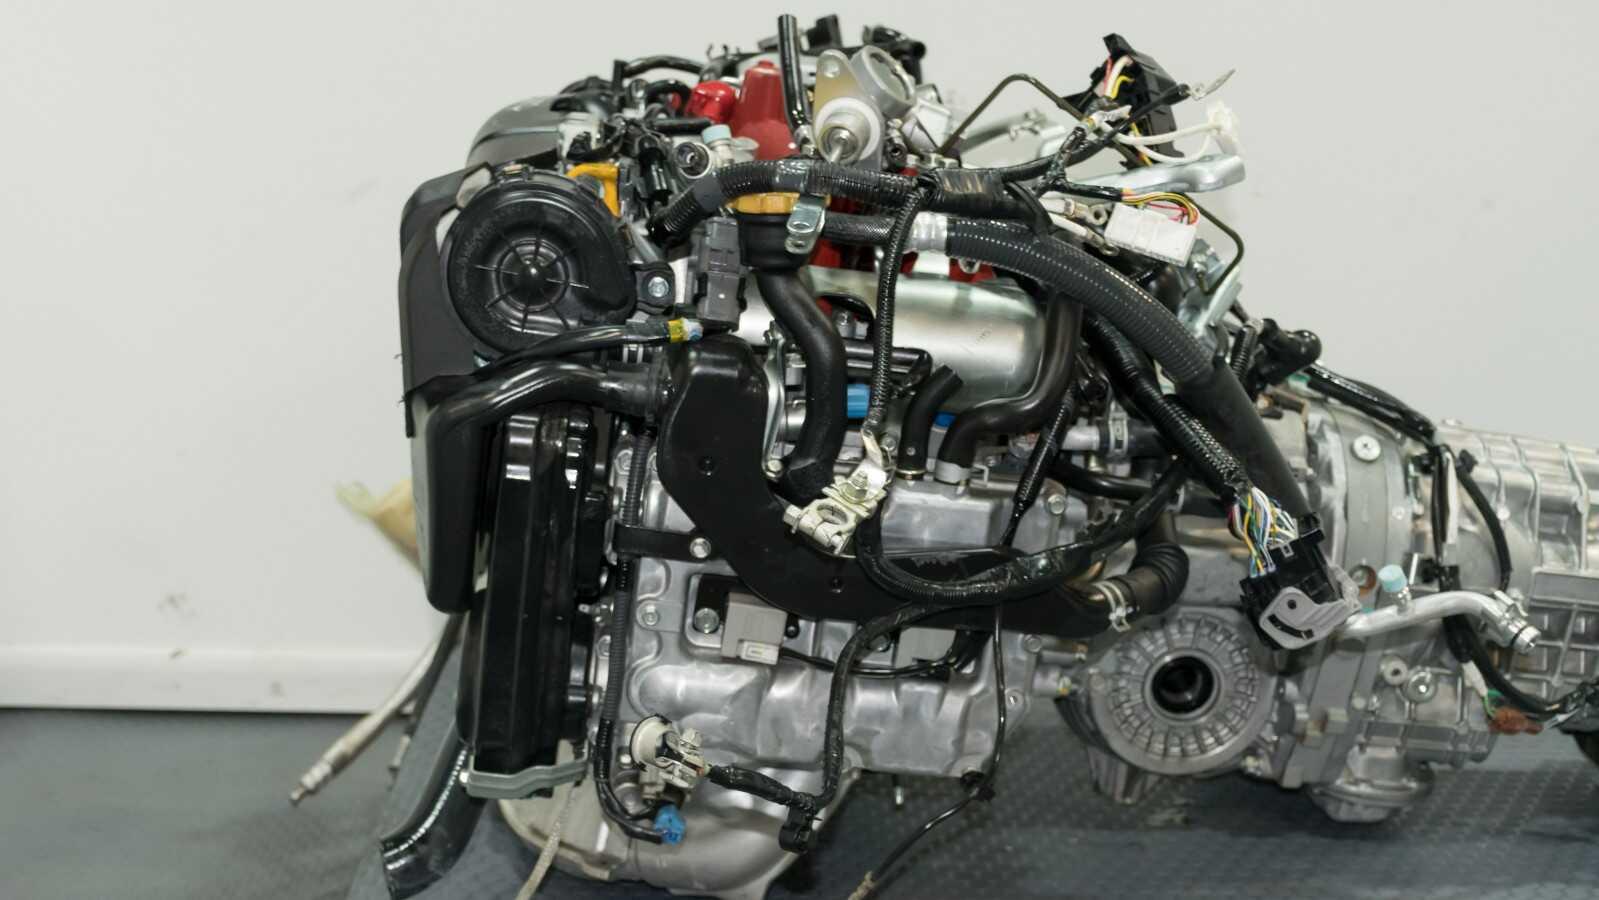 Jdm 2018 Impreza Wrx Sti Ej20y Engine Dual Avcs With Vf49